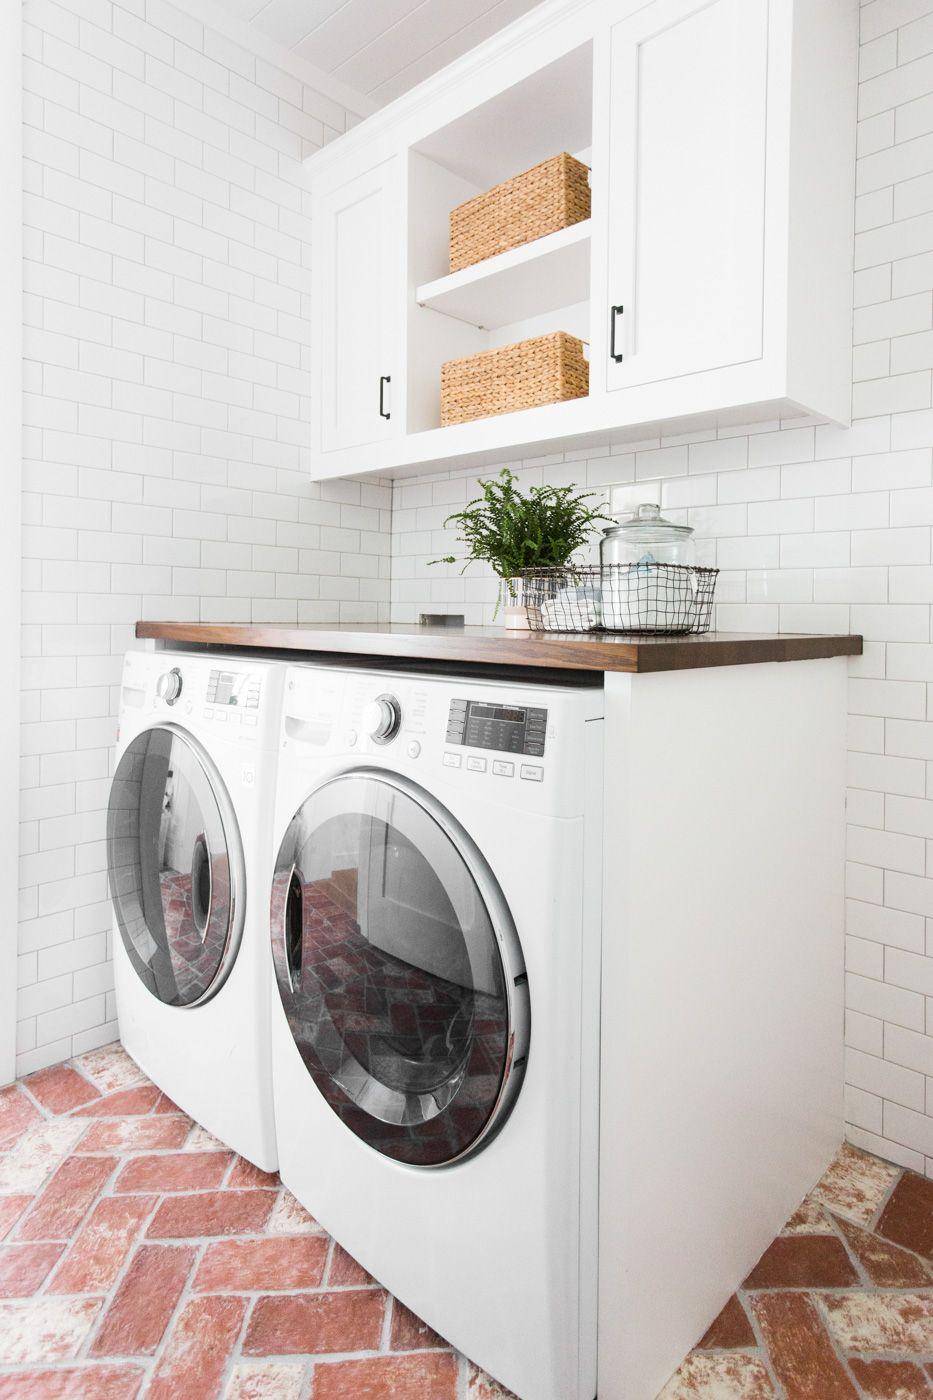 Pin von Gladyz Wunderle auf Laundry rooms & dog ideas   Pinterest